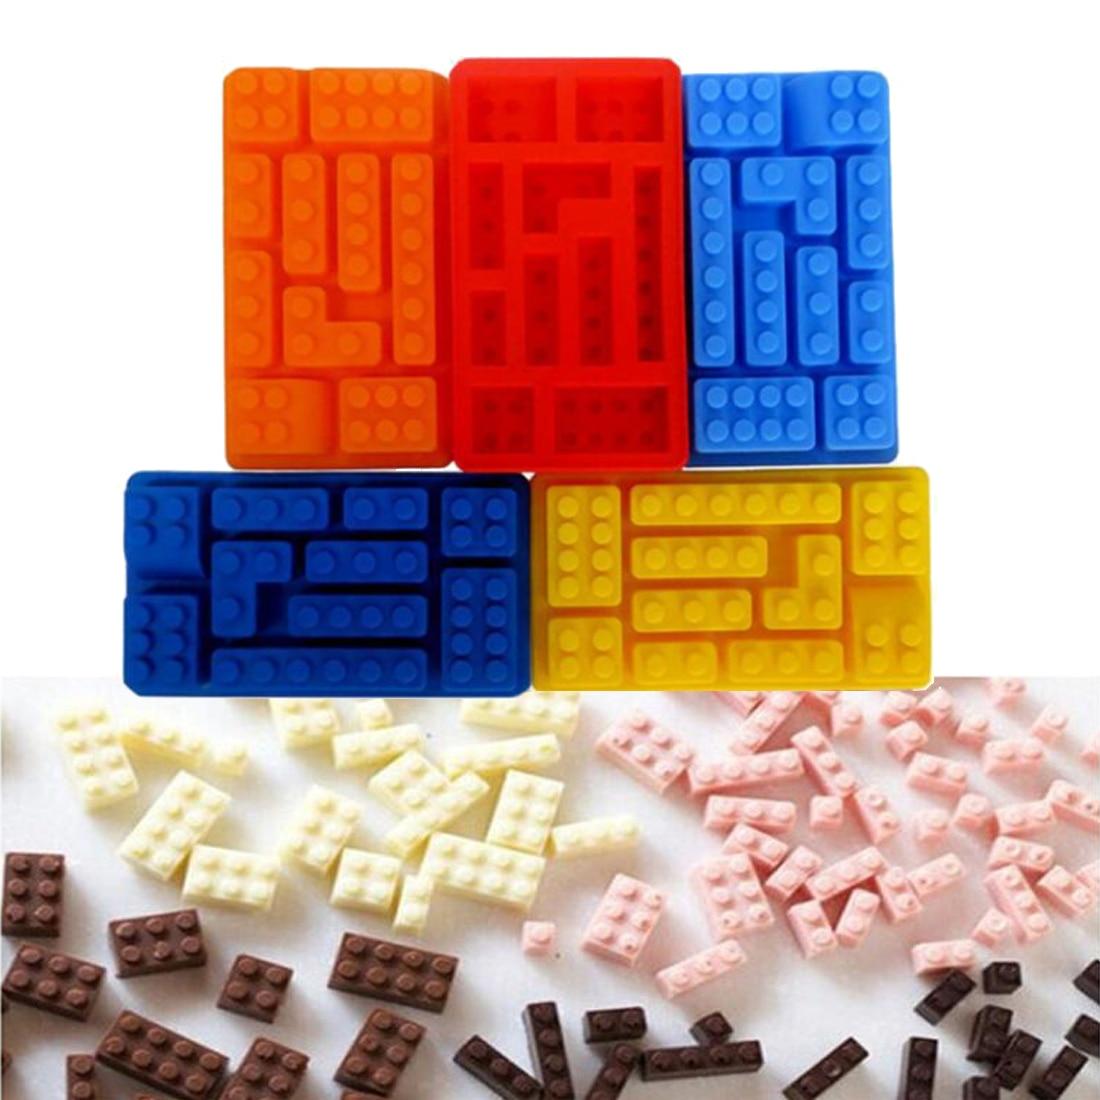 Оптовая продажа 10 отверстий кирпичные блоки формы прямоугольные DIY шоколадные силиконовые формы Горячая Распродажа ледяной куб лоток инст...